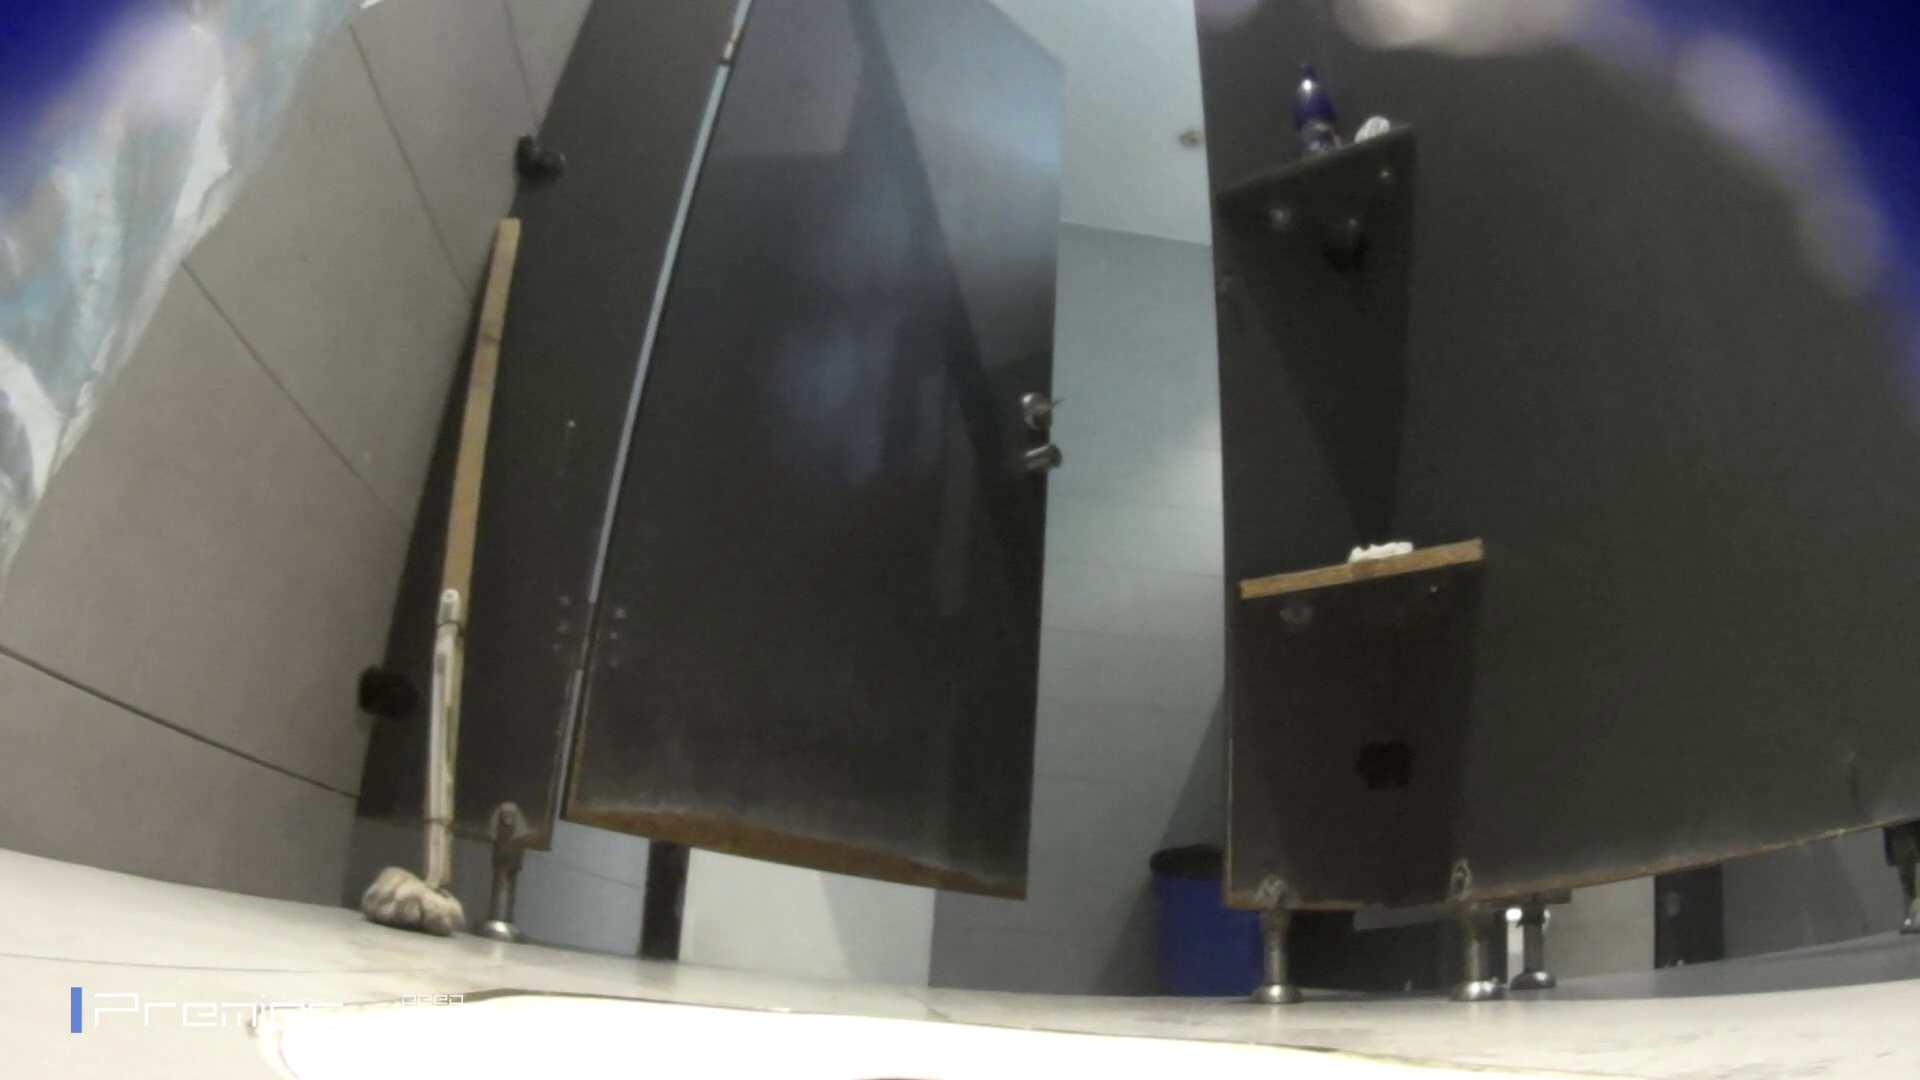 フロントから丸見え! 大学休憩時間の洗面所事情60 高画質  69PIX 65